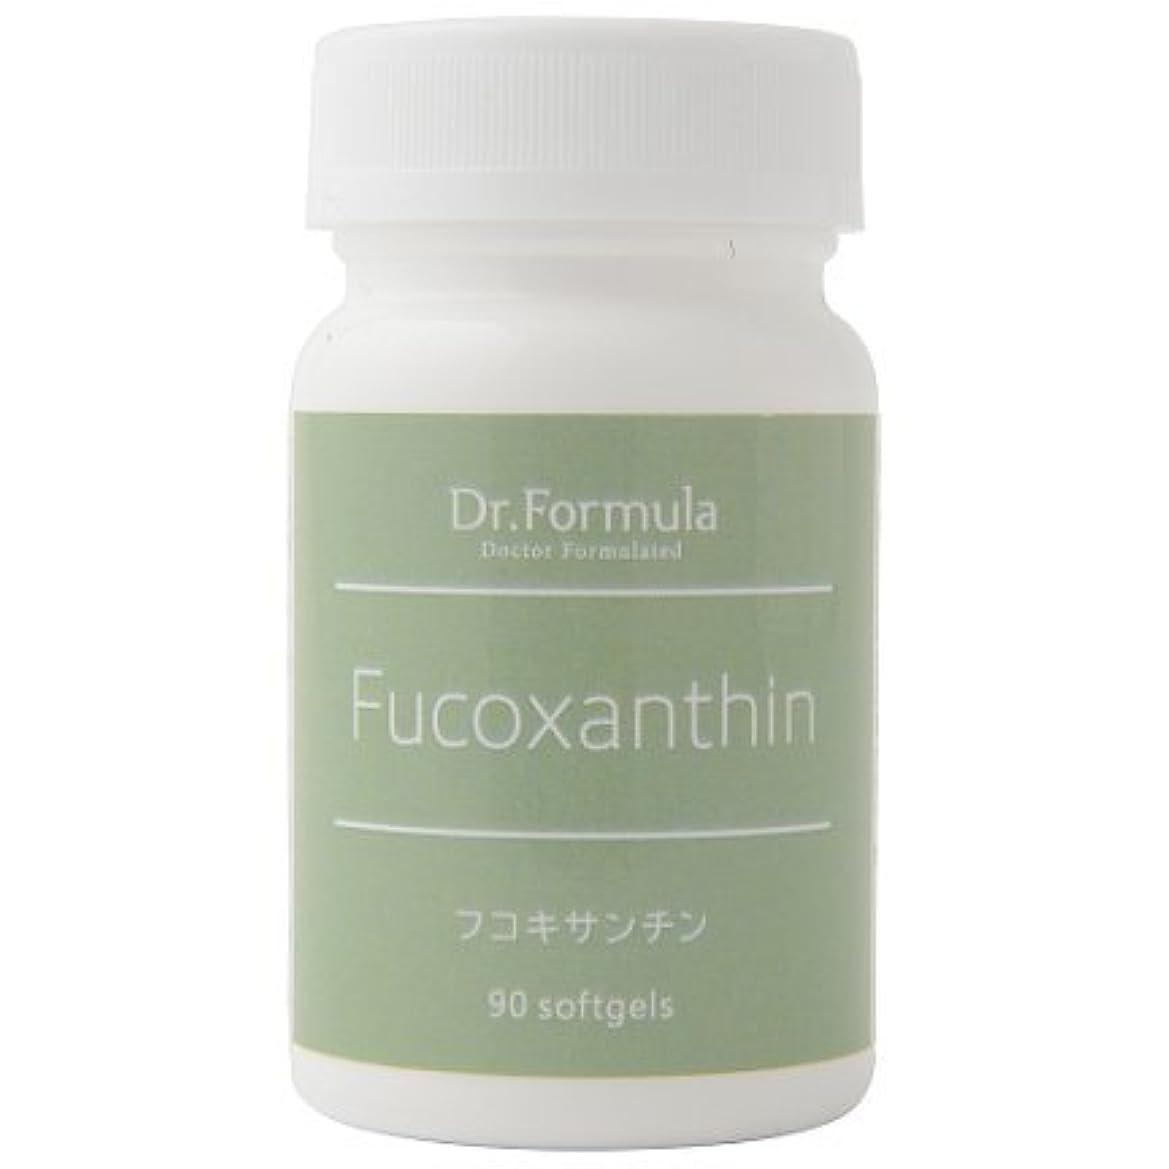 ヒールアルファベットに慣れDr.Formula フコキサンチン(テレビで話題の希少成分) 30日分 90粒 日本製 Fucoxanthin